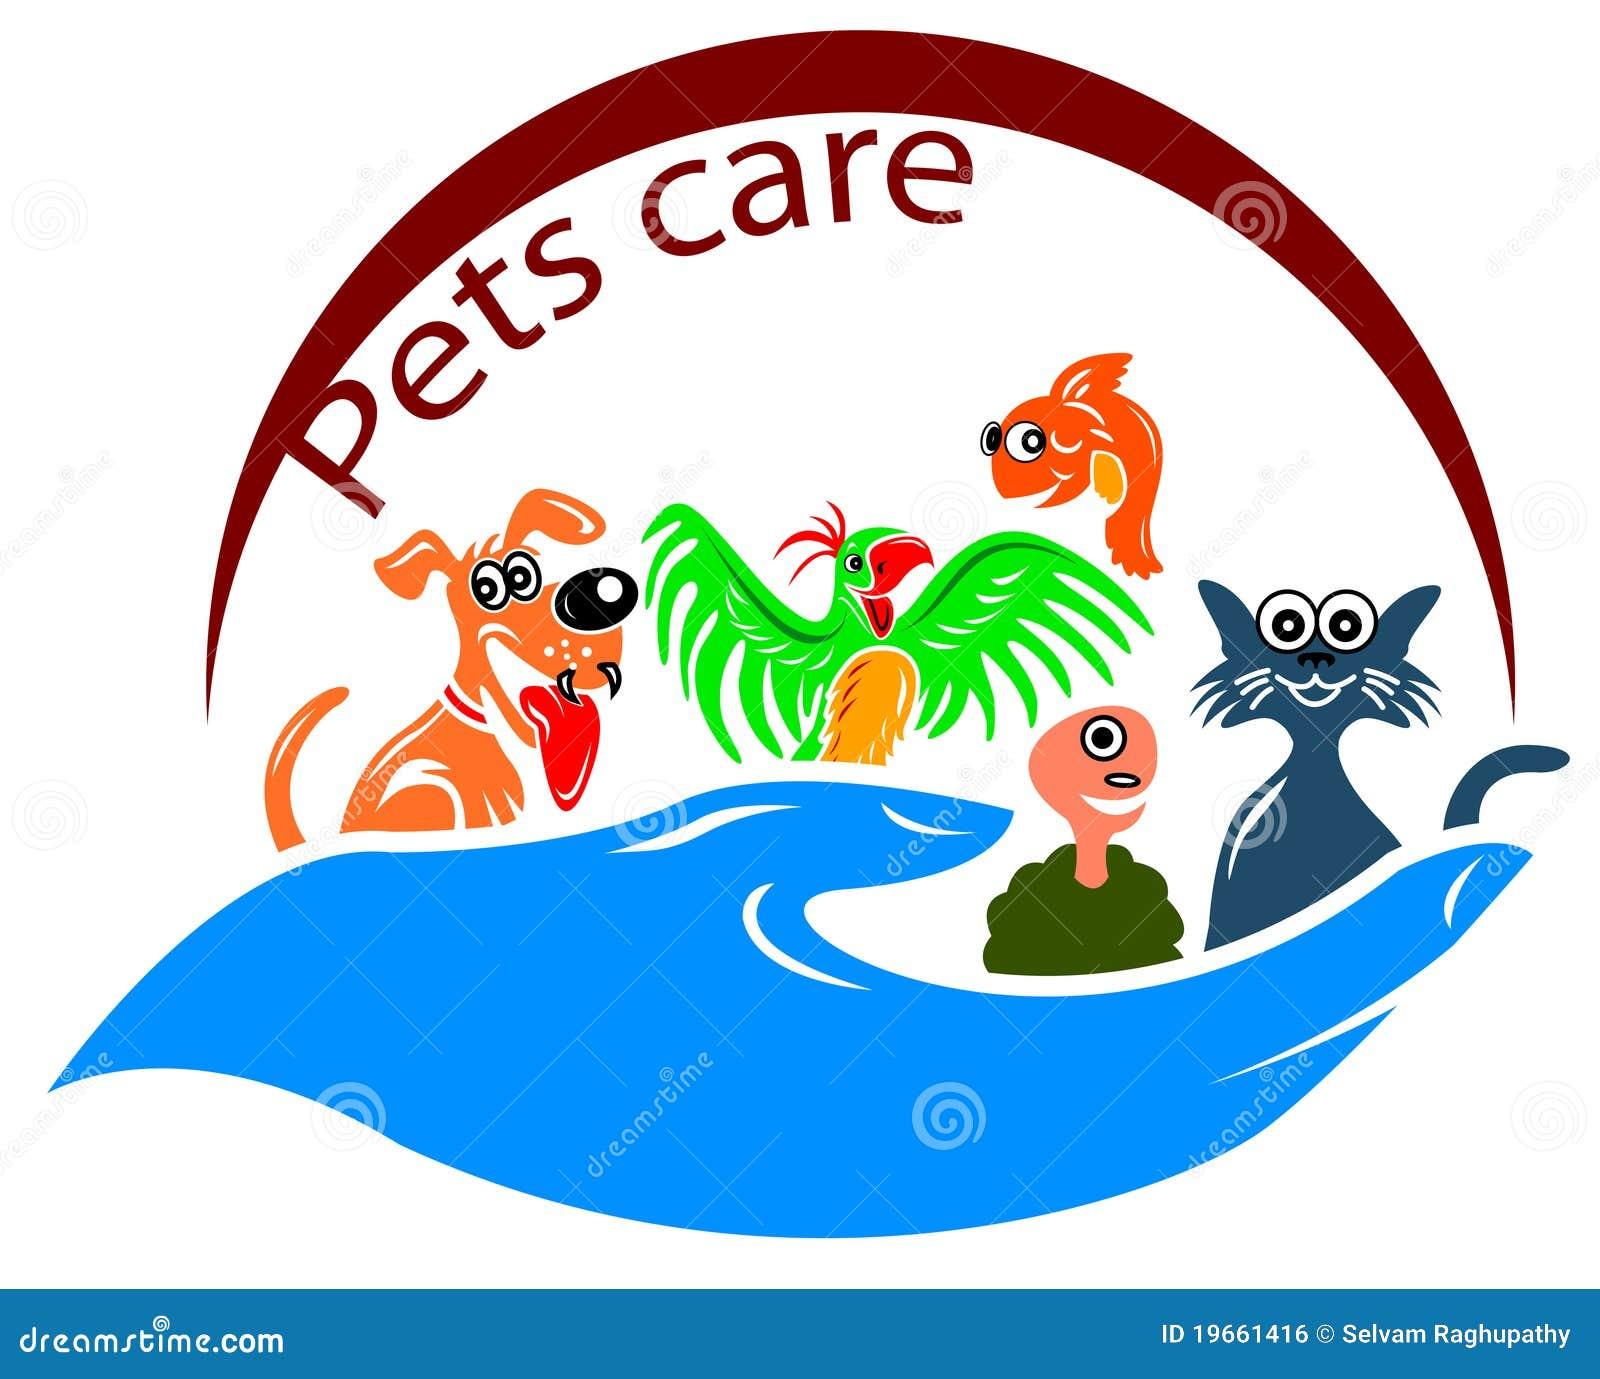 внимательность pets символ